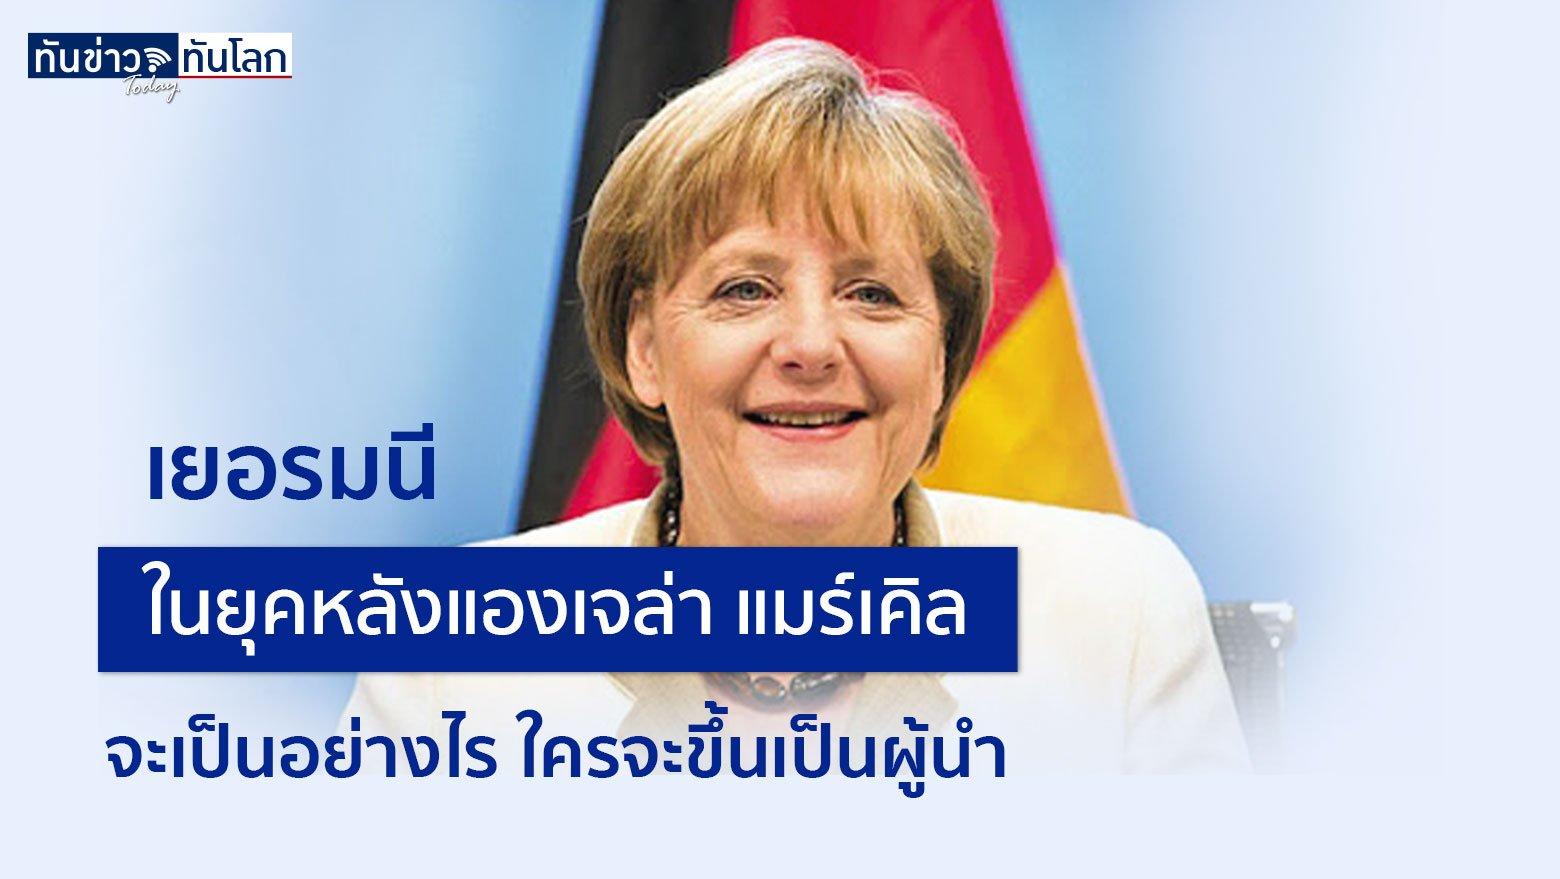 เยอรมนี ในยุคหลังแองเจล่า แมร์เคิล จะเป็นอย่างไร ใครน่าจะมีโอกาสขึ้นมาครองผู้ตำแหน่งผู้นำ